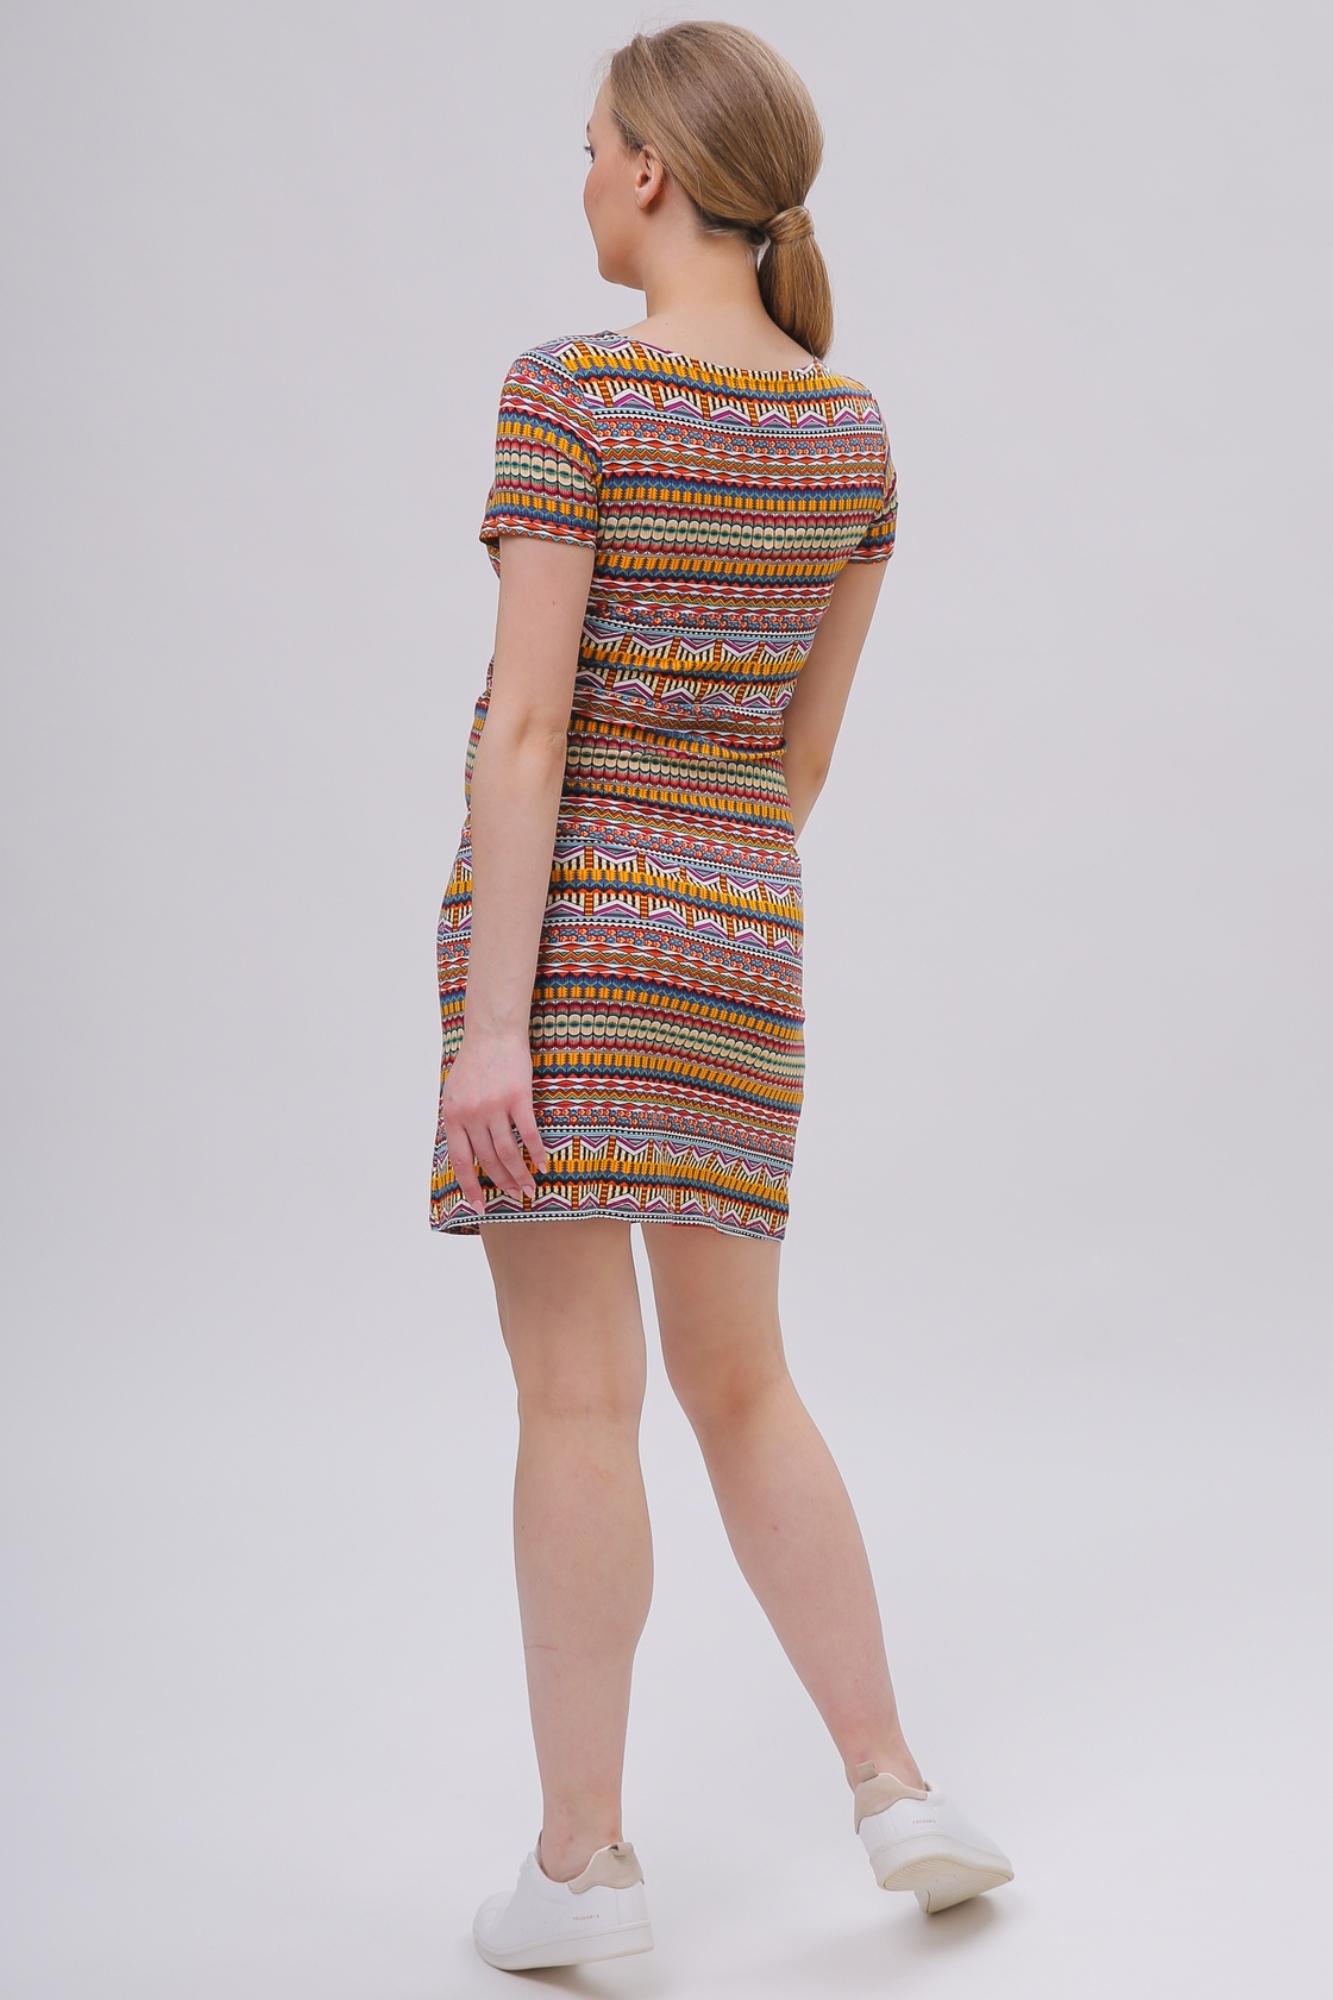 Фото платье для беременных Magica bellezza, летнее от магазина СкороМама, цветной, размеры.